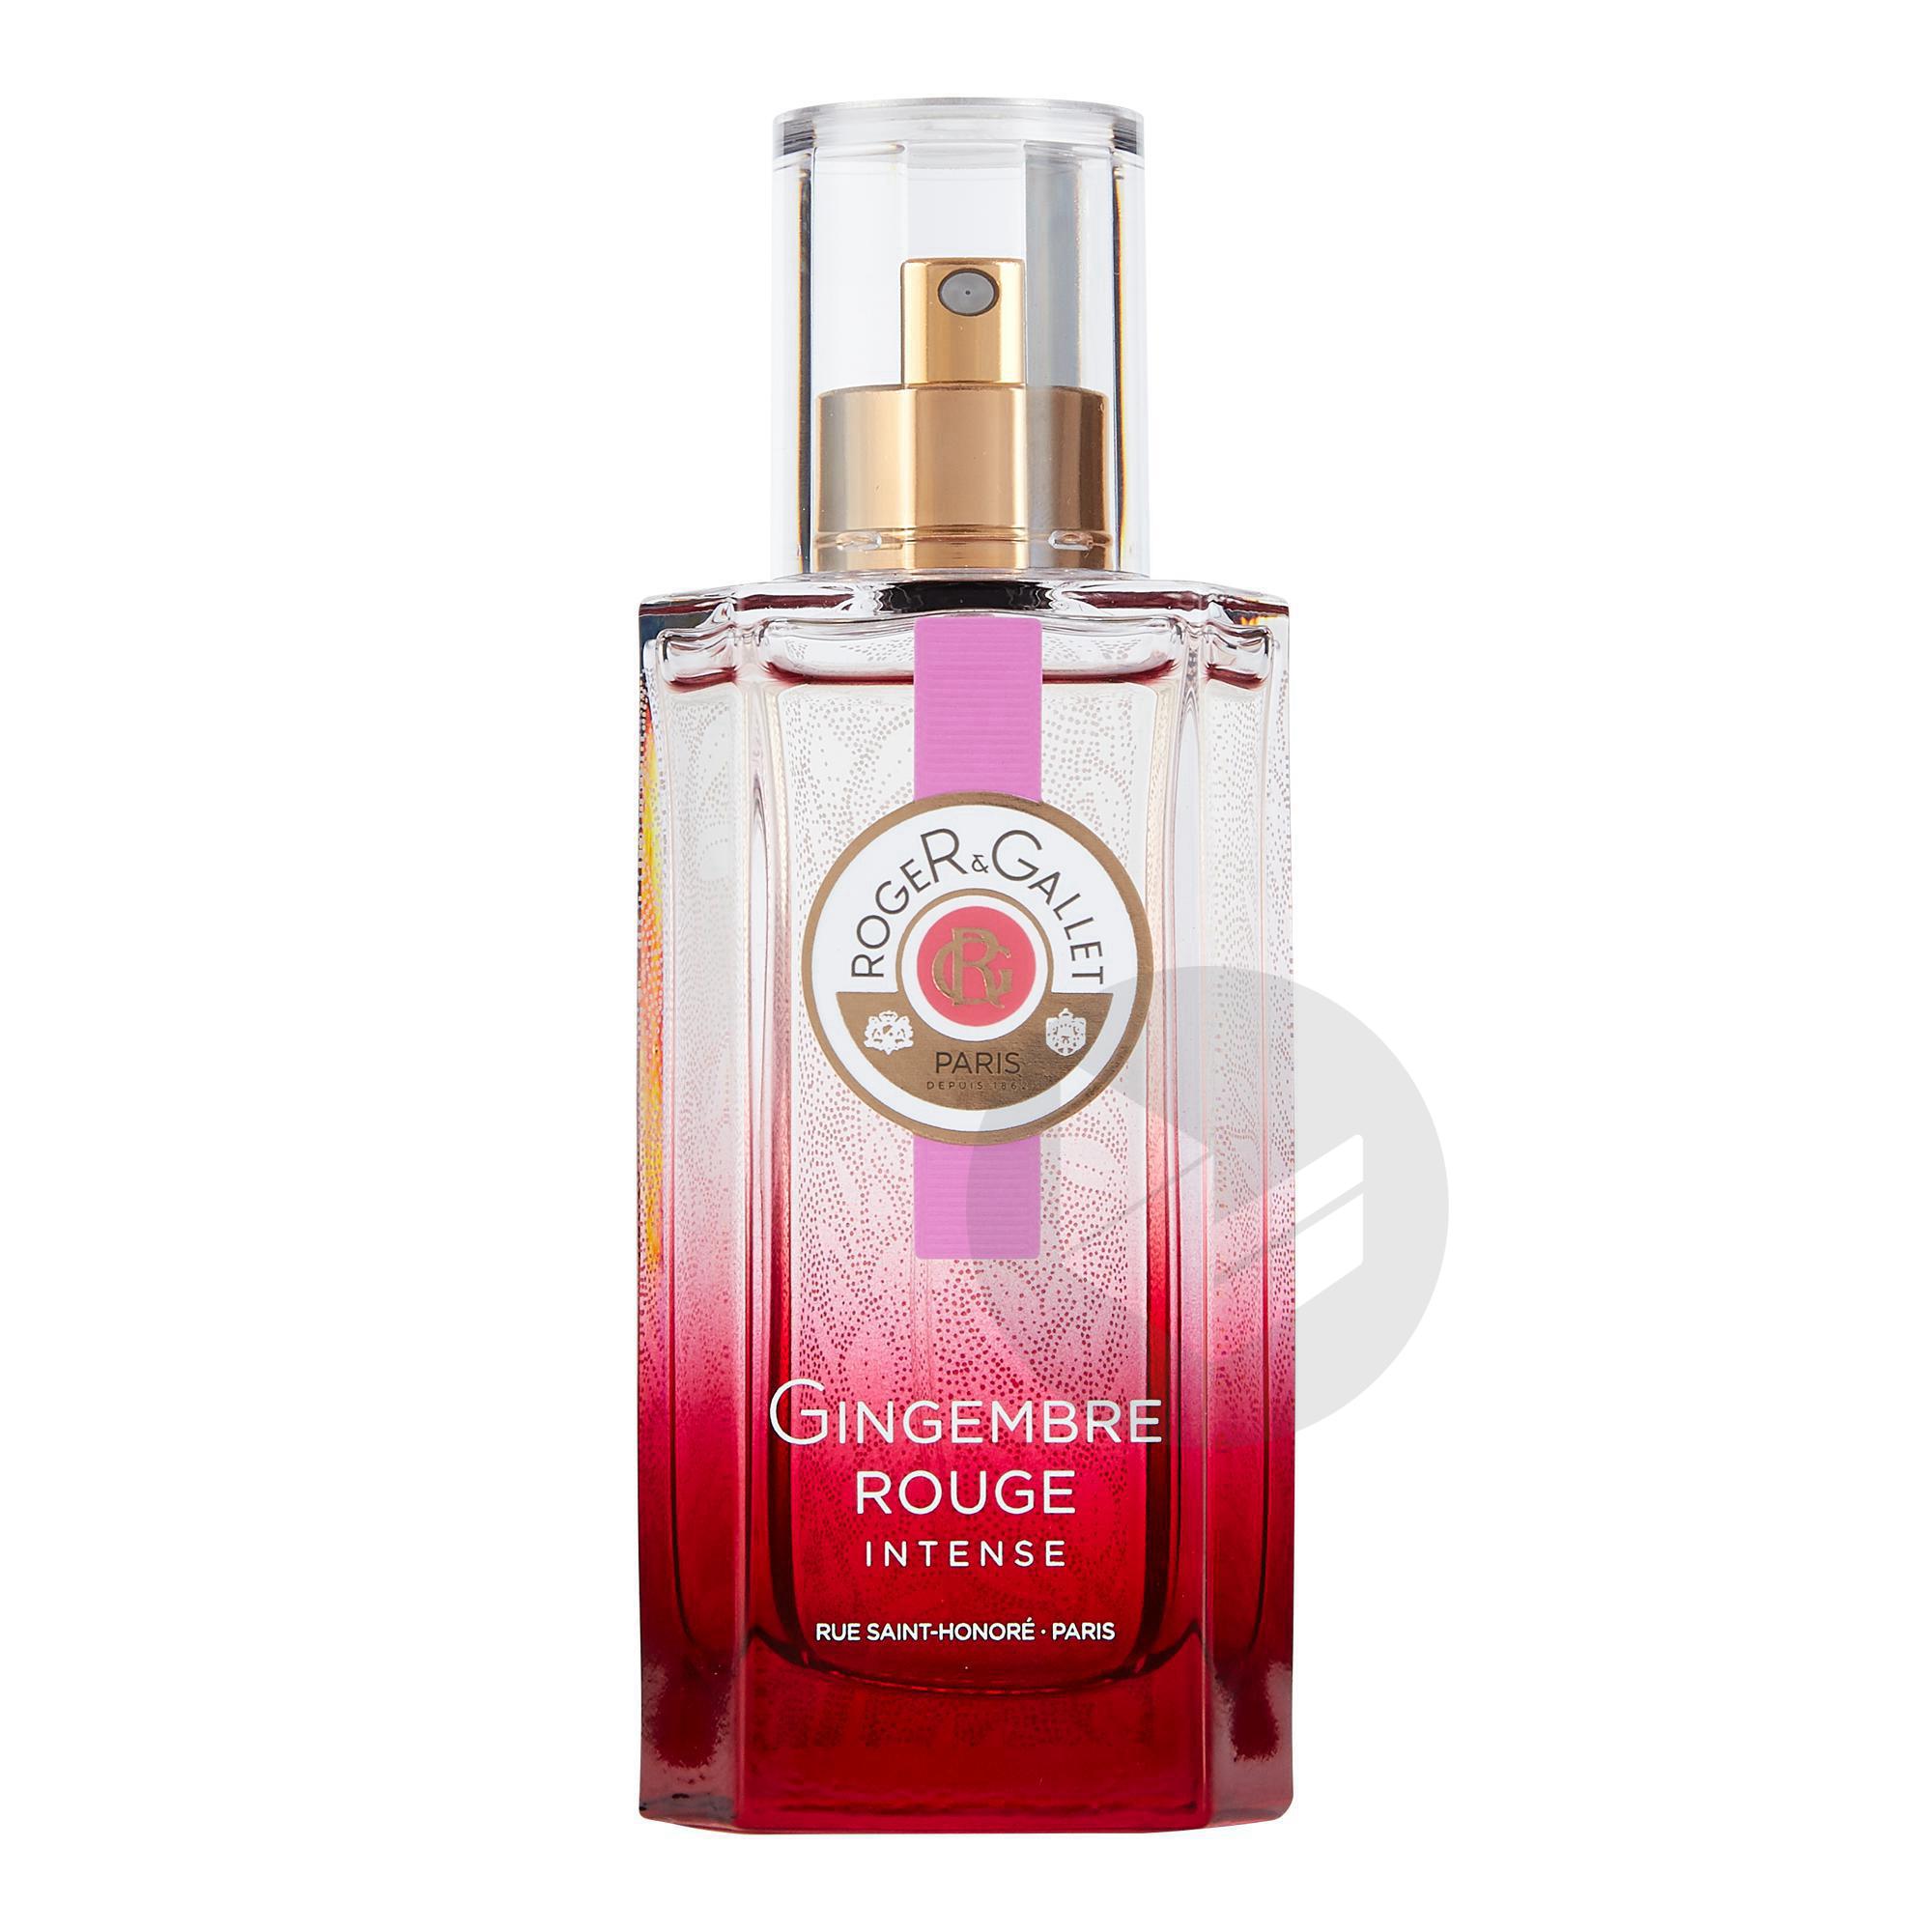 Gingembre Rouge Intense Eau de Parfum Bienfaisante Vaporisateur 50ml